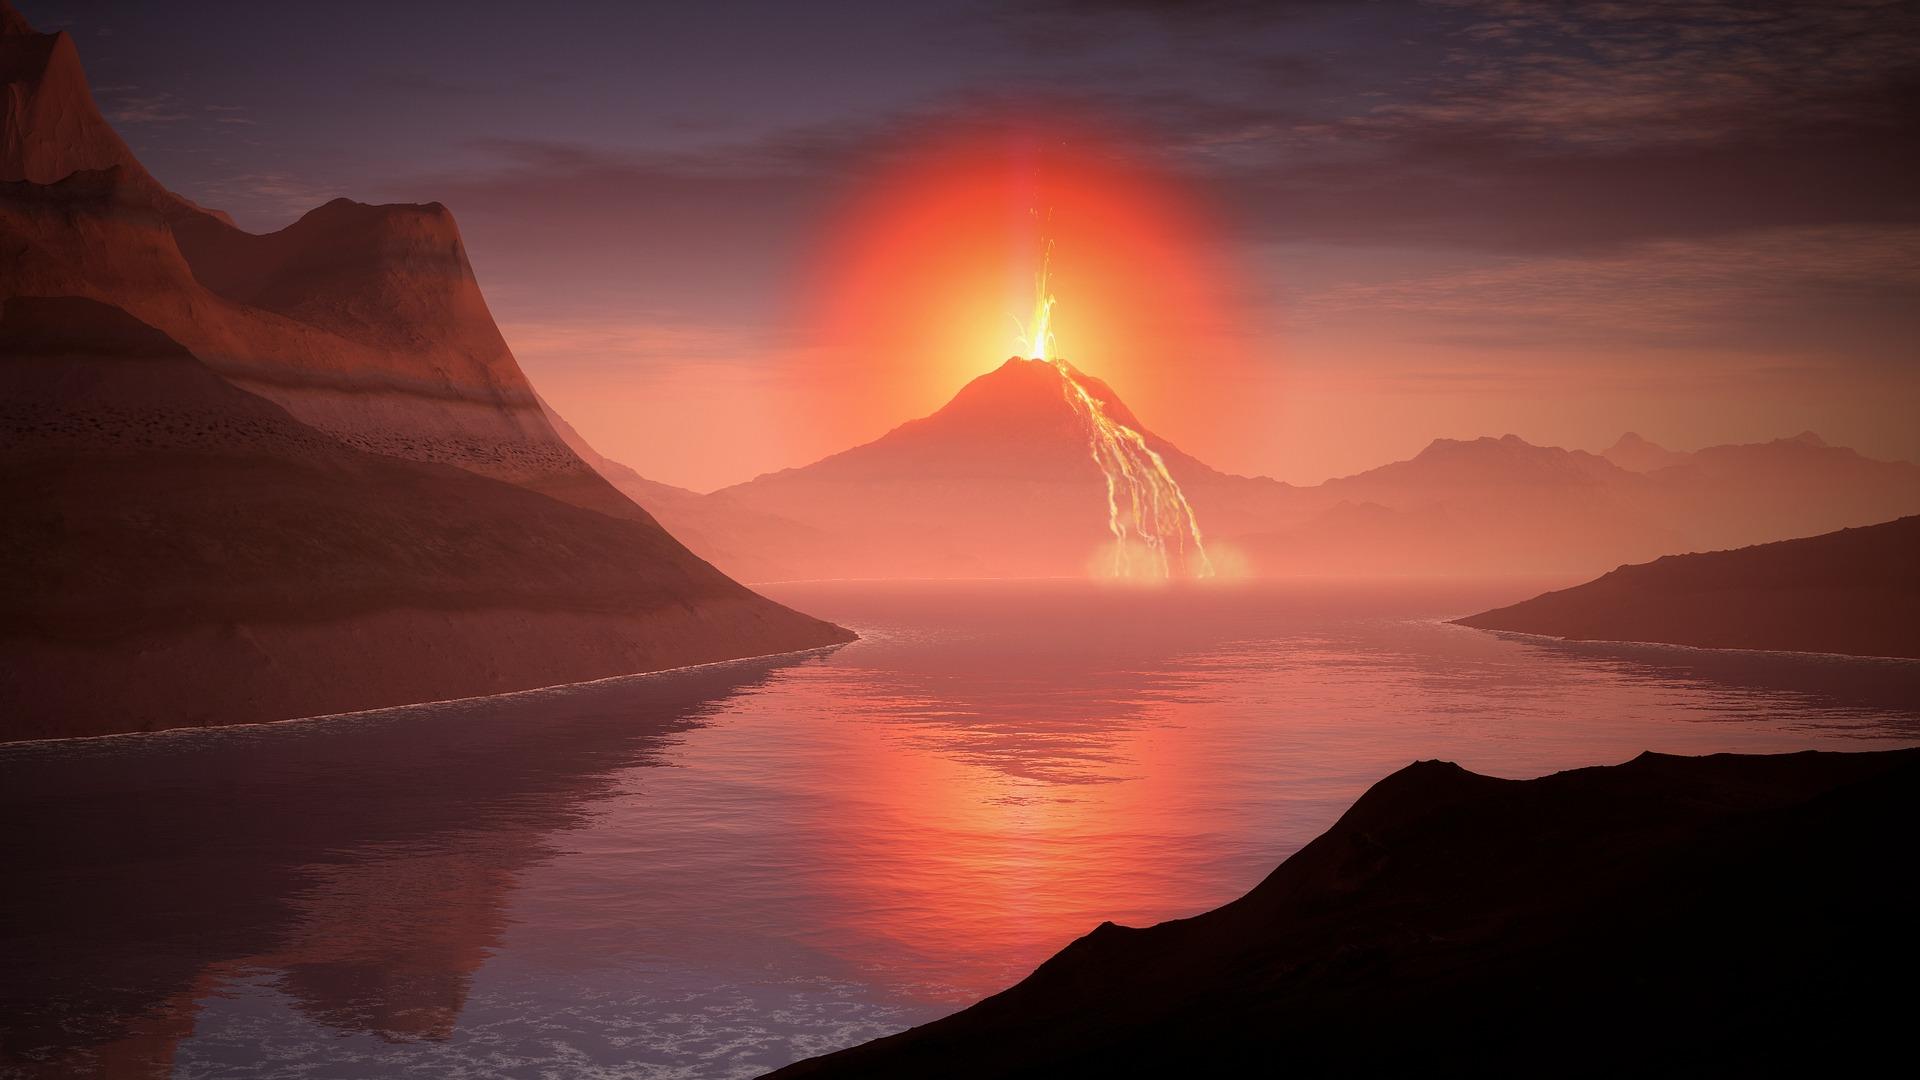 Кислород атмосферы Земли мог появиться в результате извержений вулканов